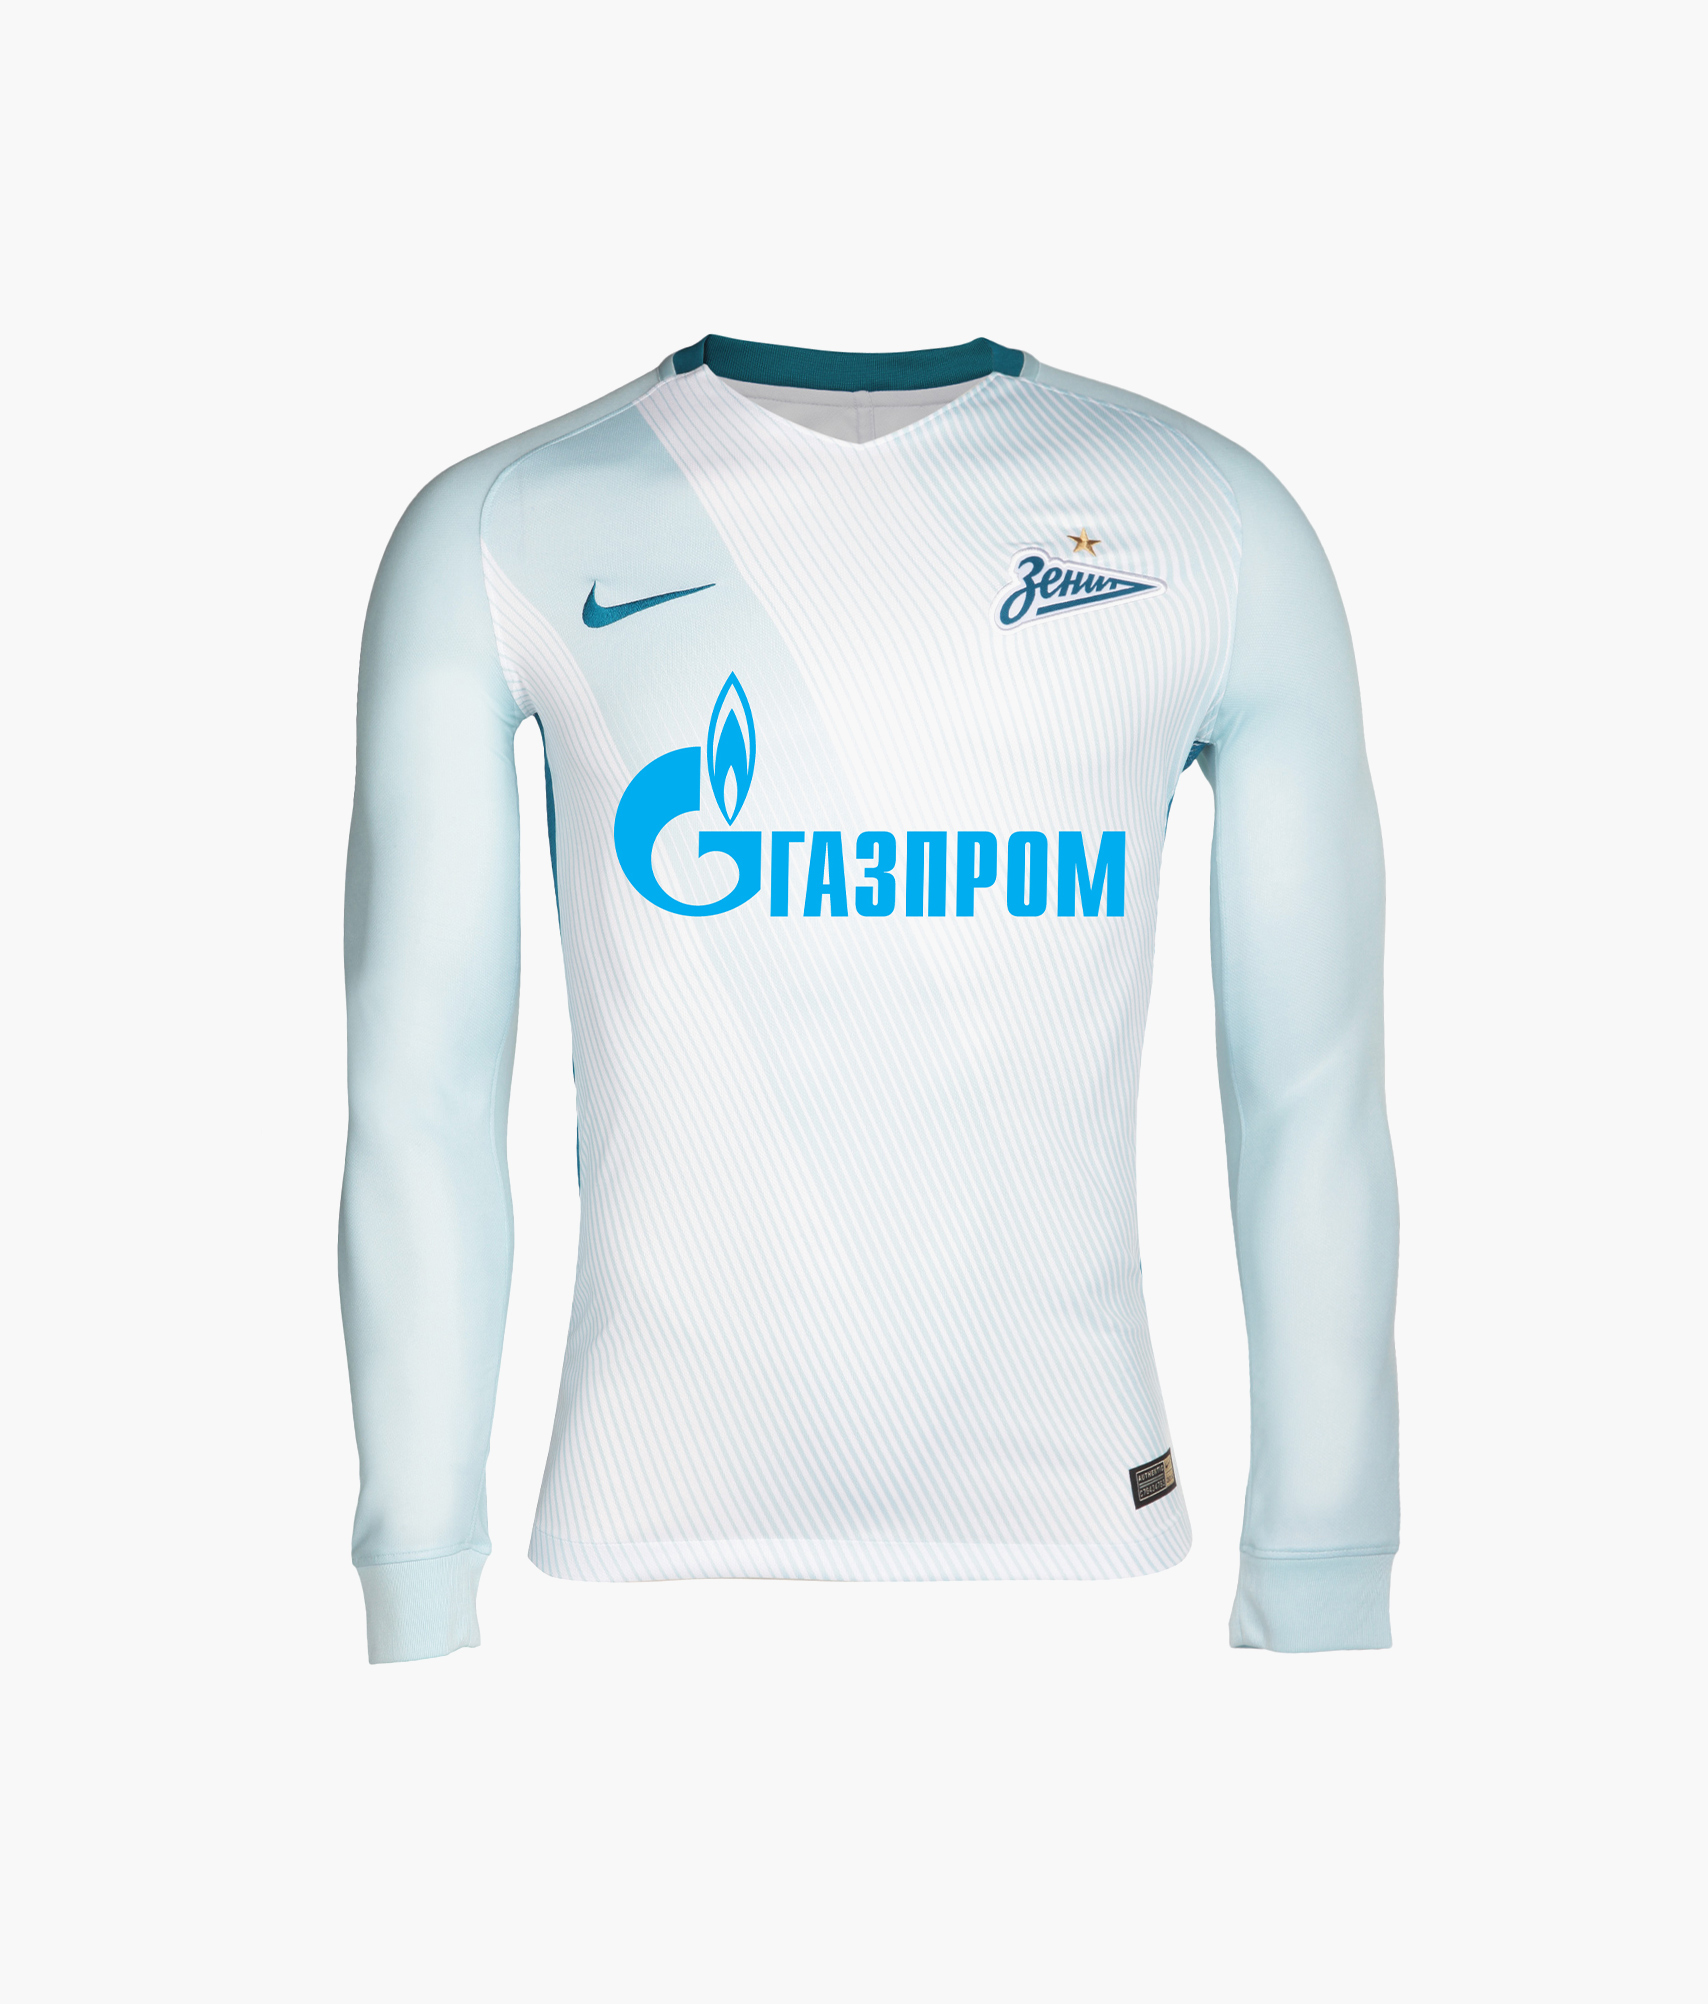 Выездная оригинальная футболка, Цвет-Белый, Размер-L игровая выездная футболка цвет белый размер l